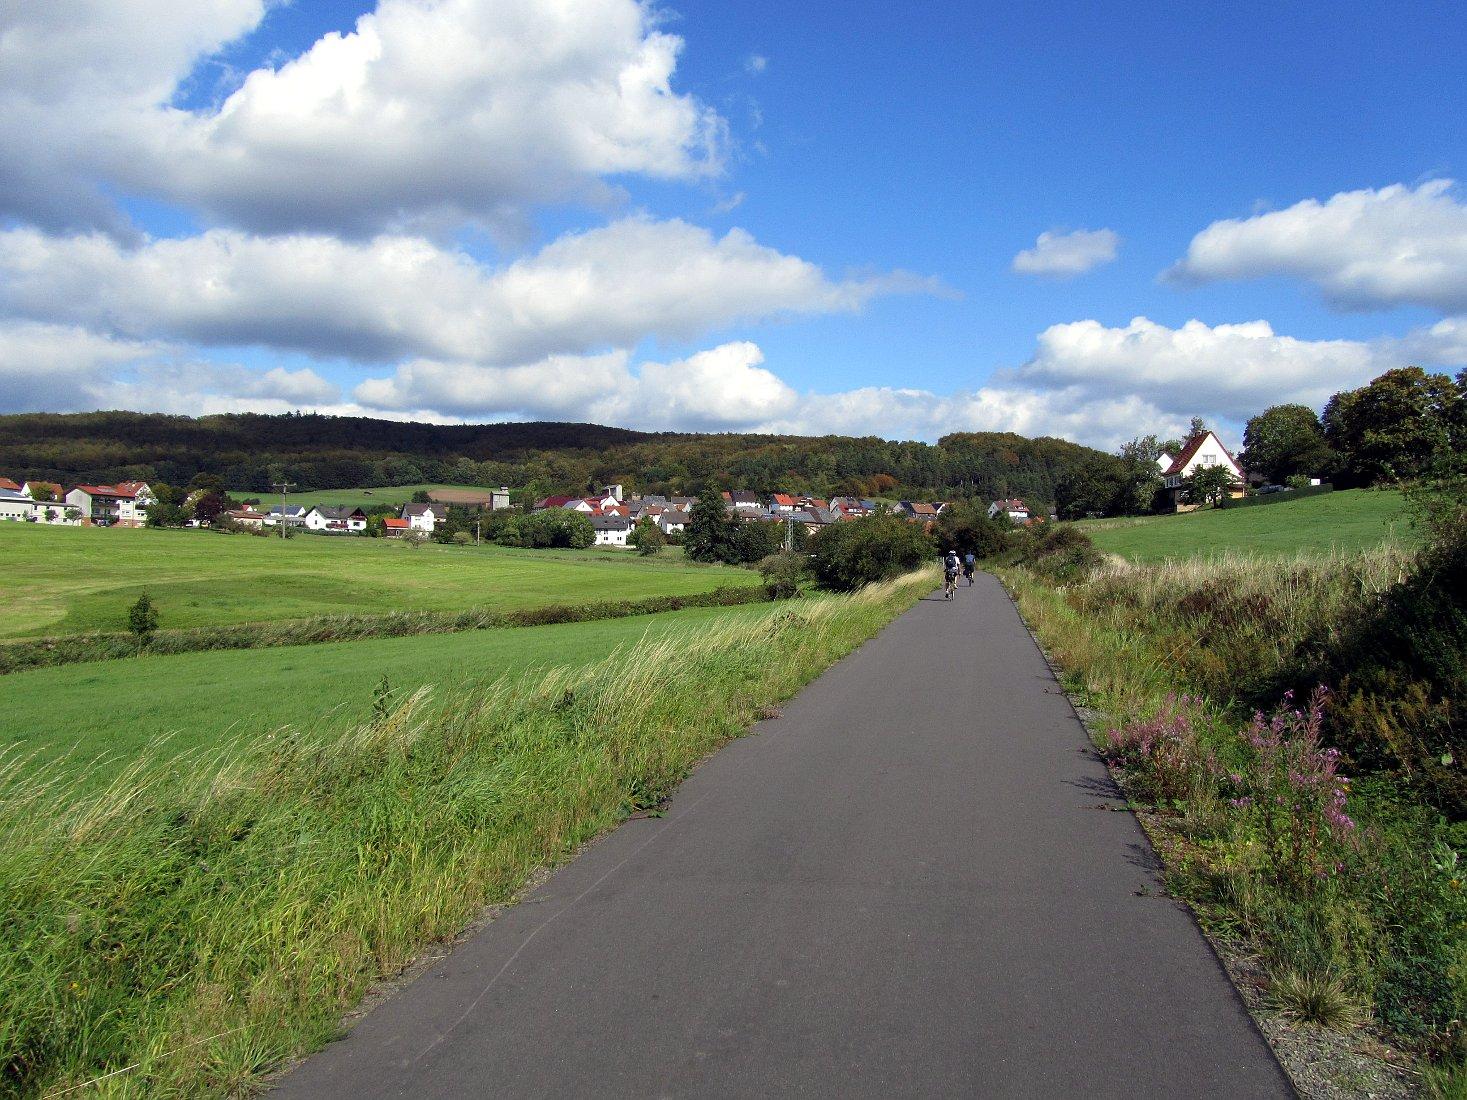 Weißenborn (Hesse)